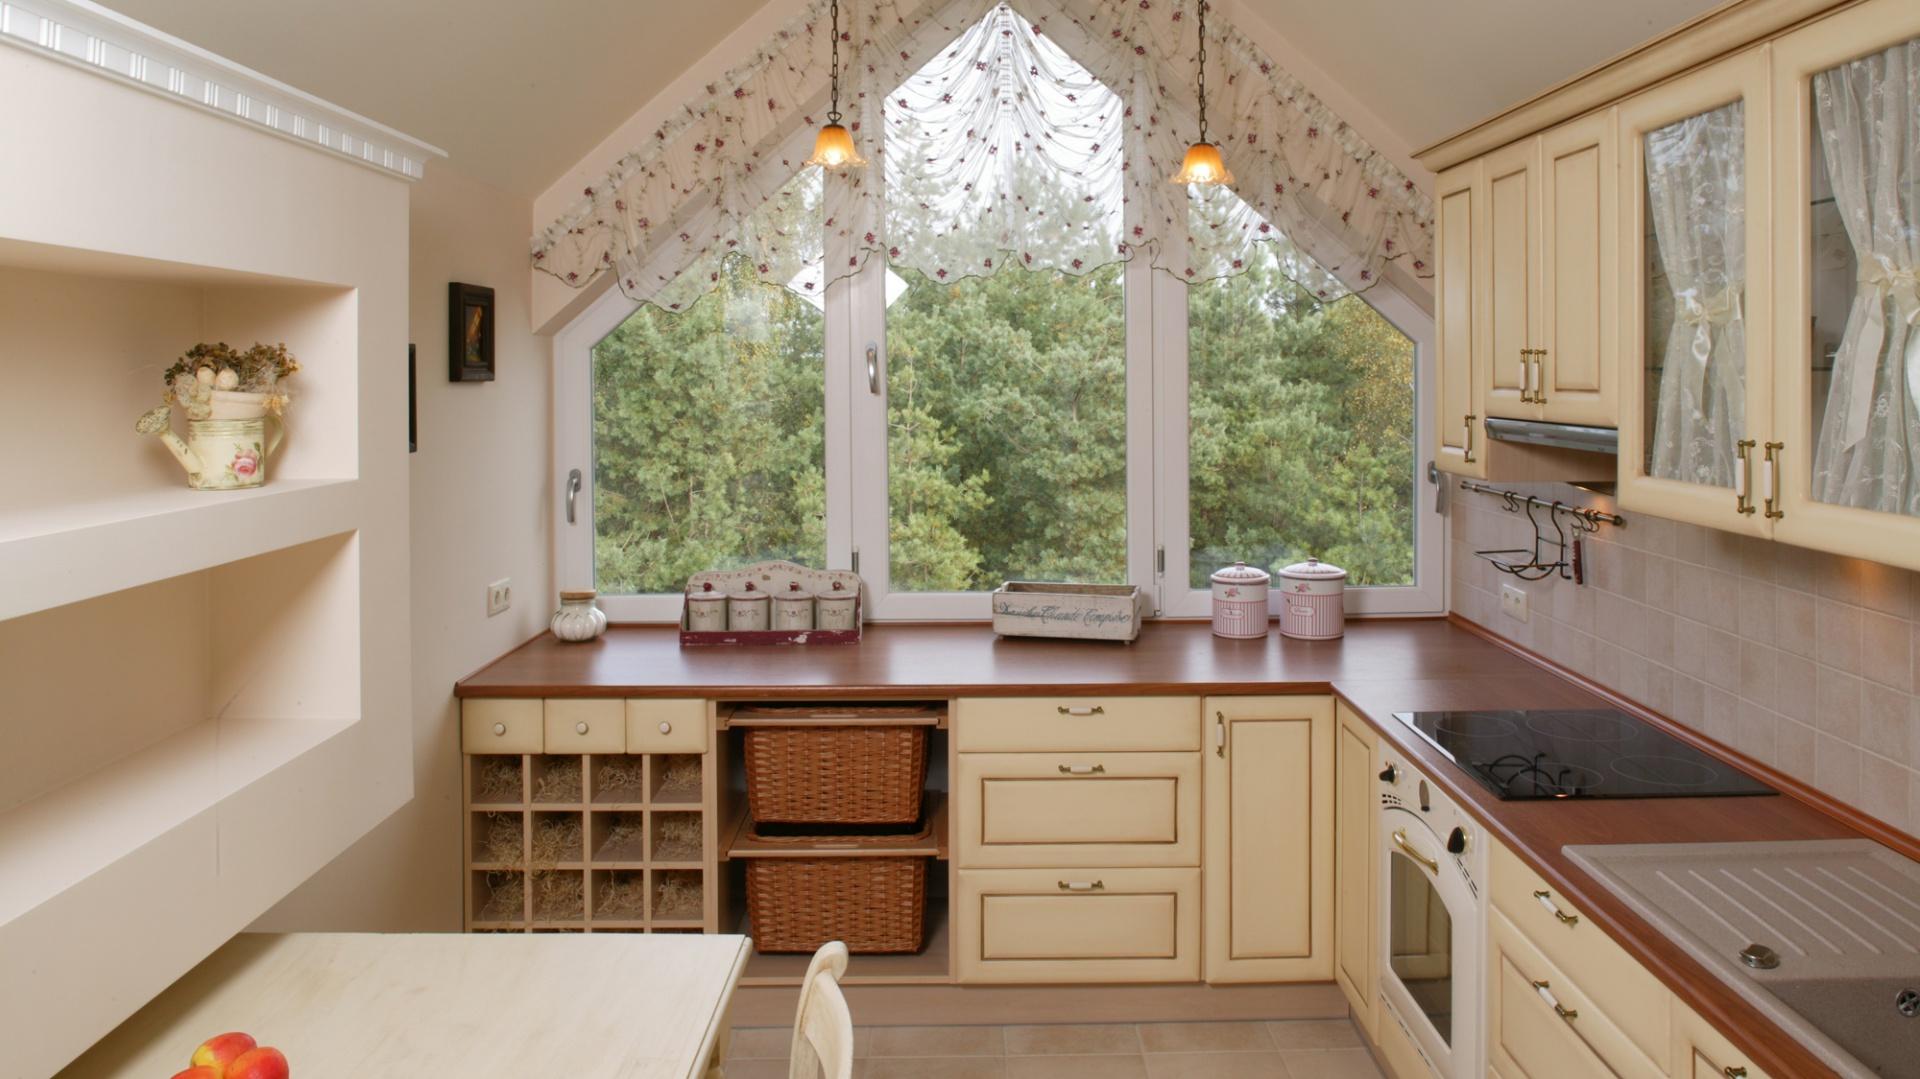 Okno zajmujące całą ścianę jest wyjątkową ozdobą jasnej kuchni urządzonej w stylu anglosaskim. Panuje tu nastrój spokoju, przytulności, rodzinnego ciepła. Fot. Bartosz Jarosz.